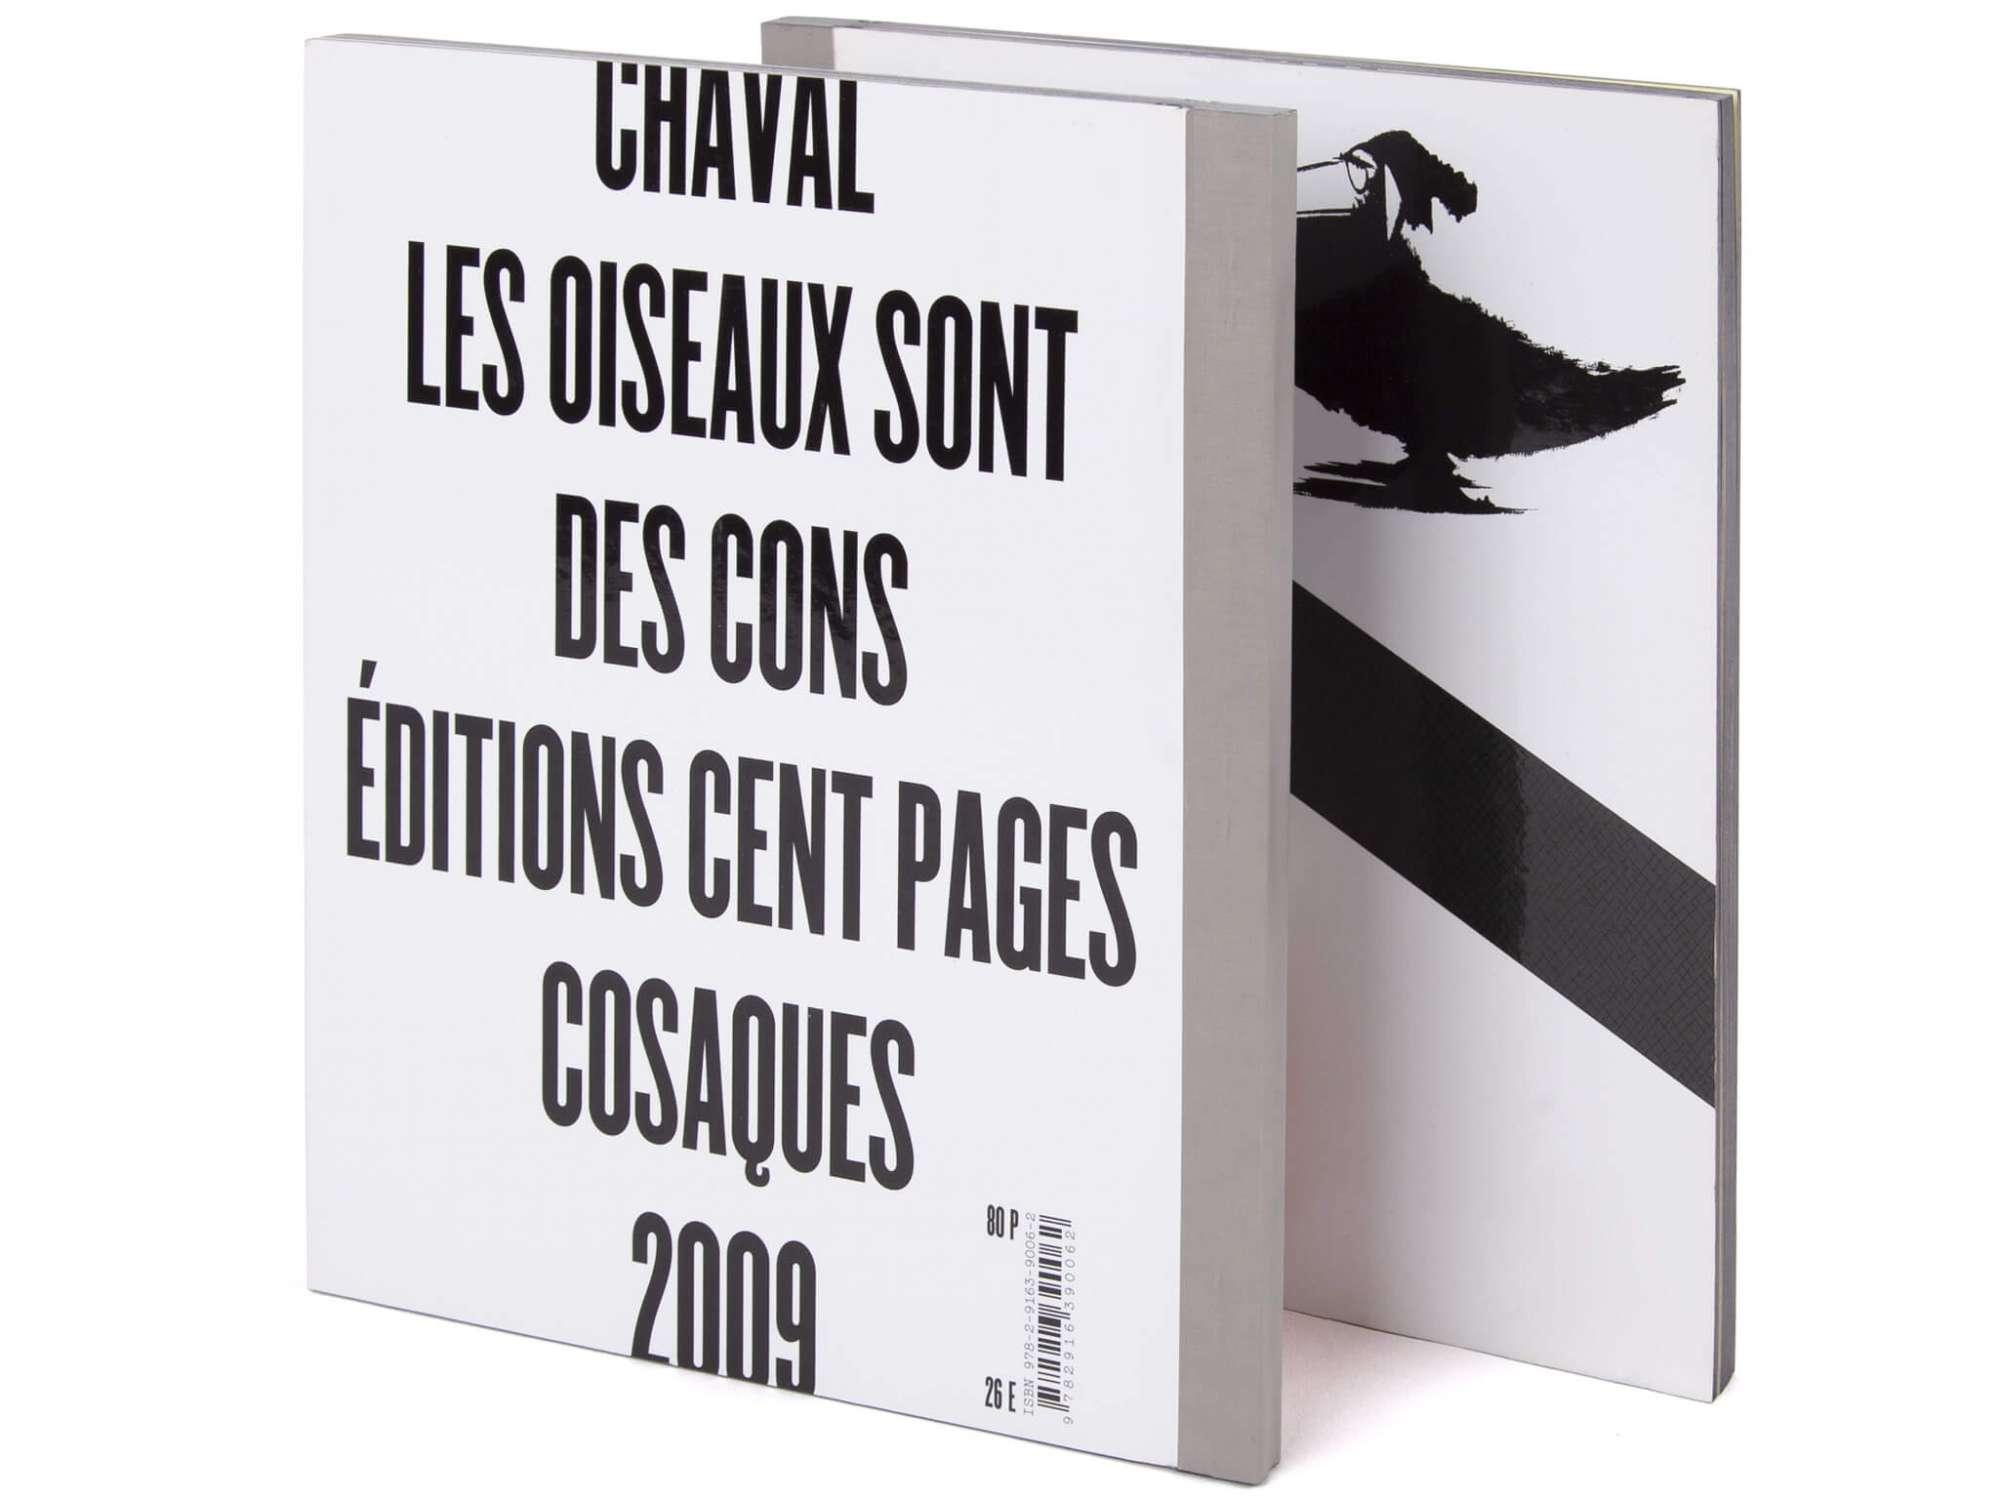 Chaval - Les oiseaux sont...